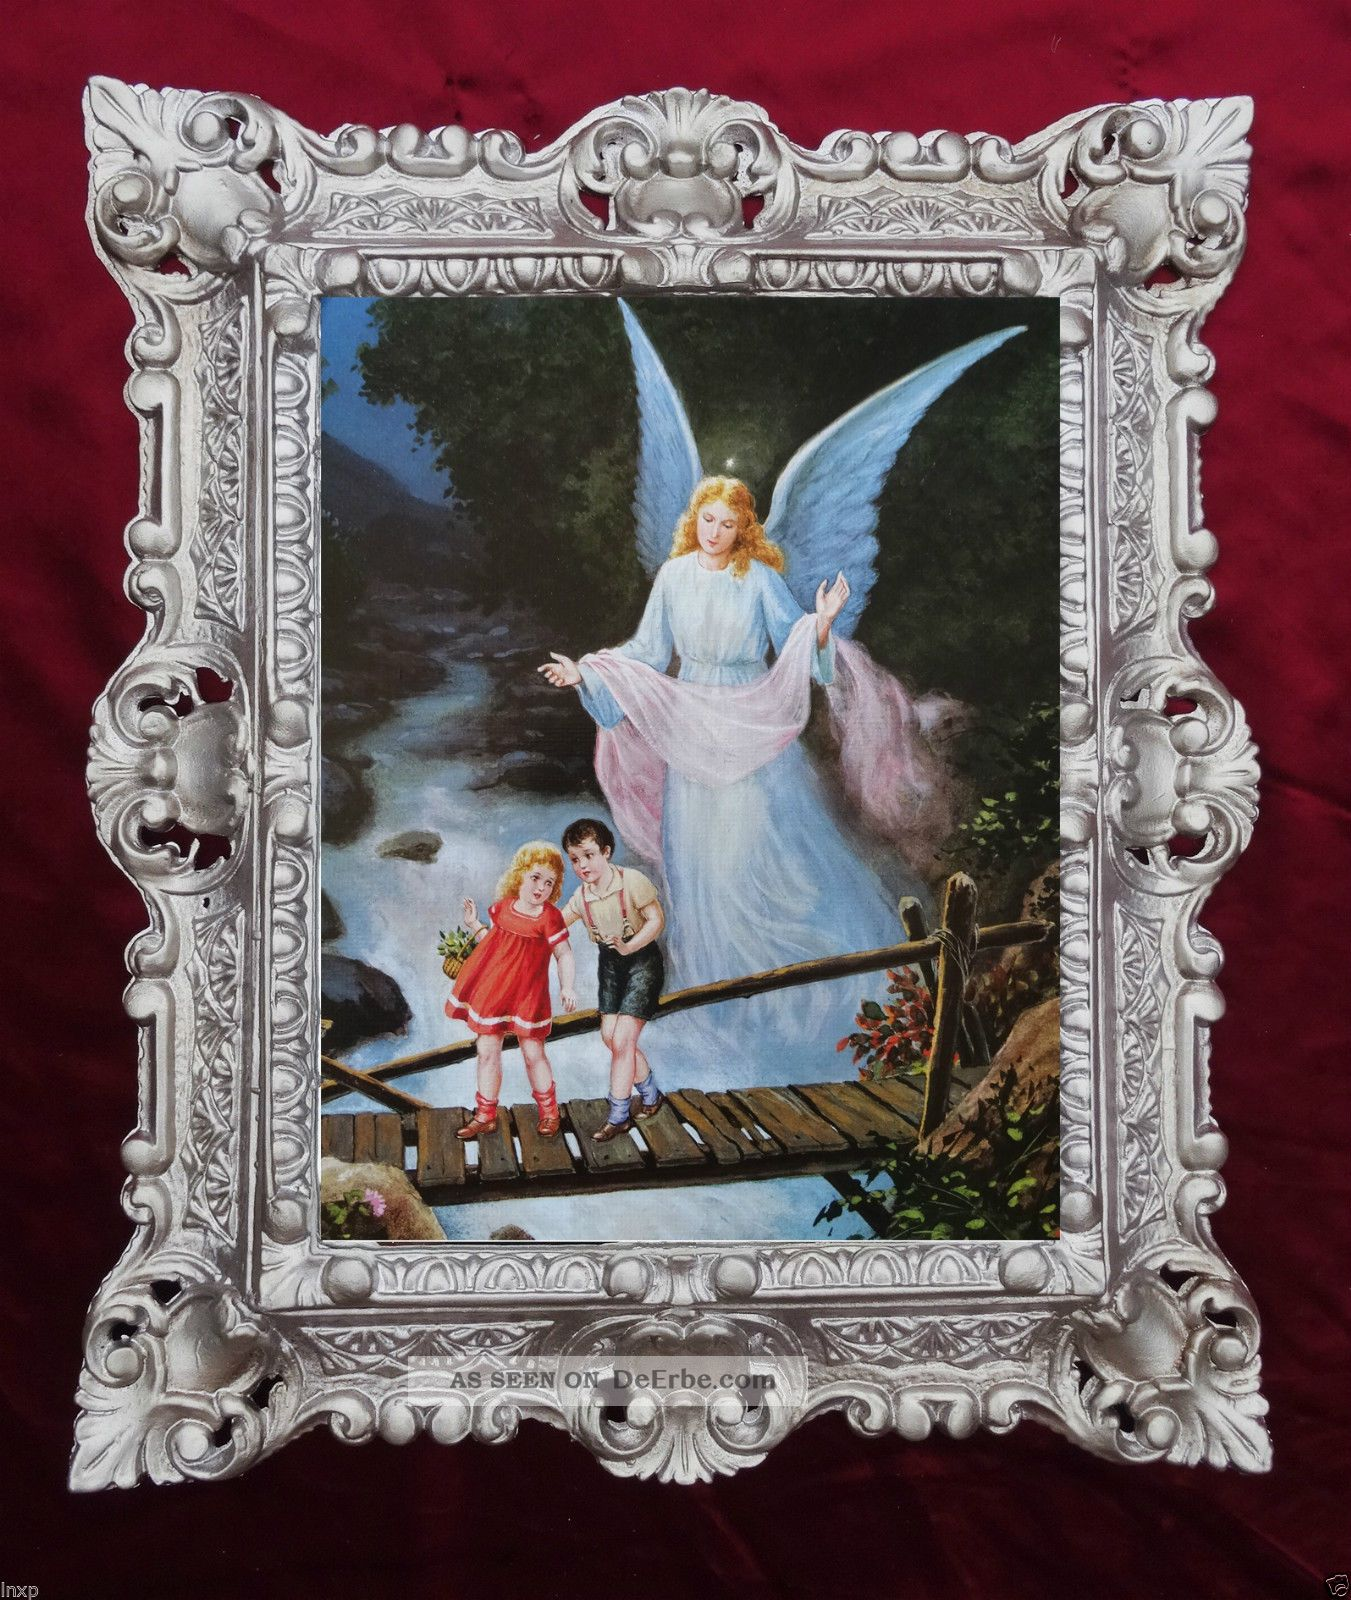 Gemälde Religiös Ikonen Bilder Antik Barock Antik Look Barock 45x38cm 24983 345b Votivbilder & Sakralmalerei Bild